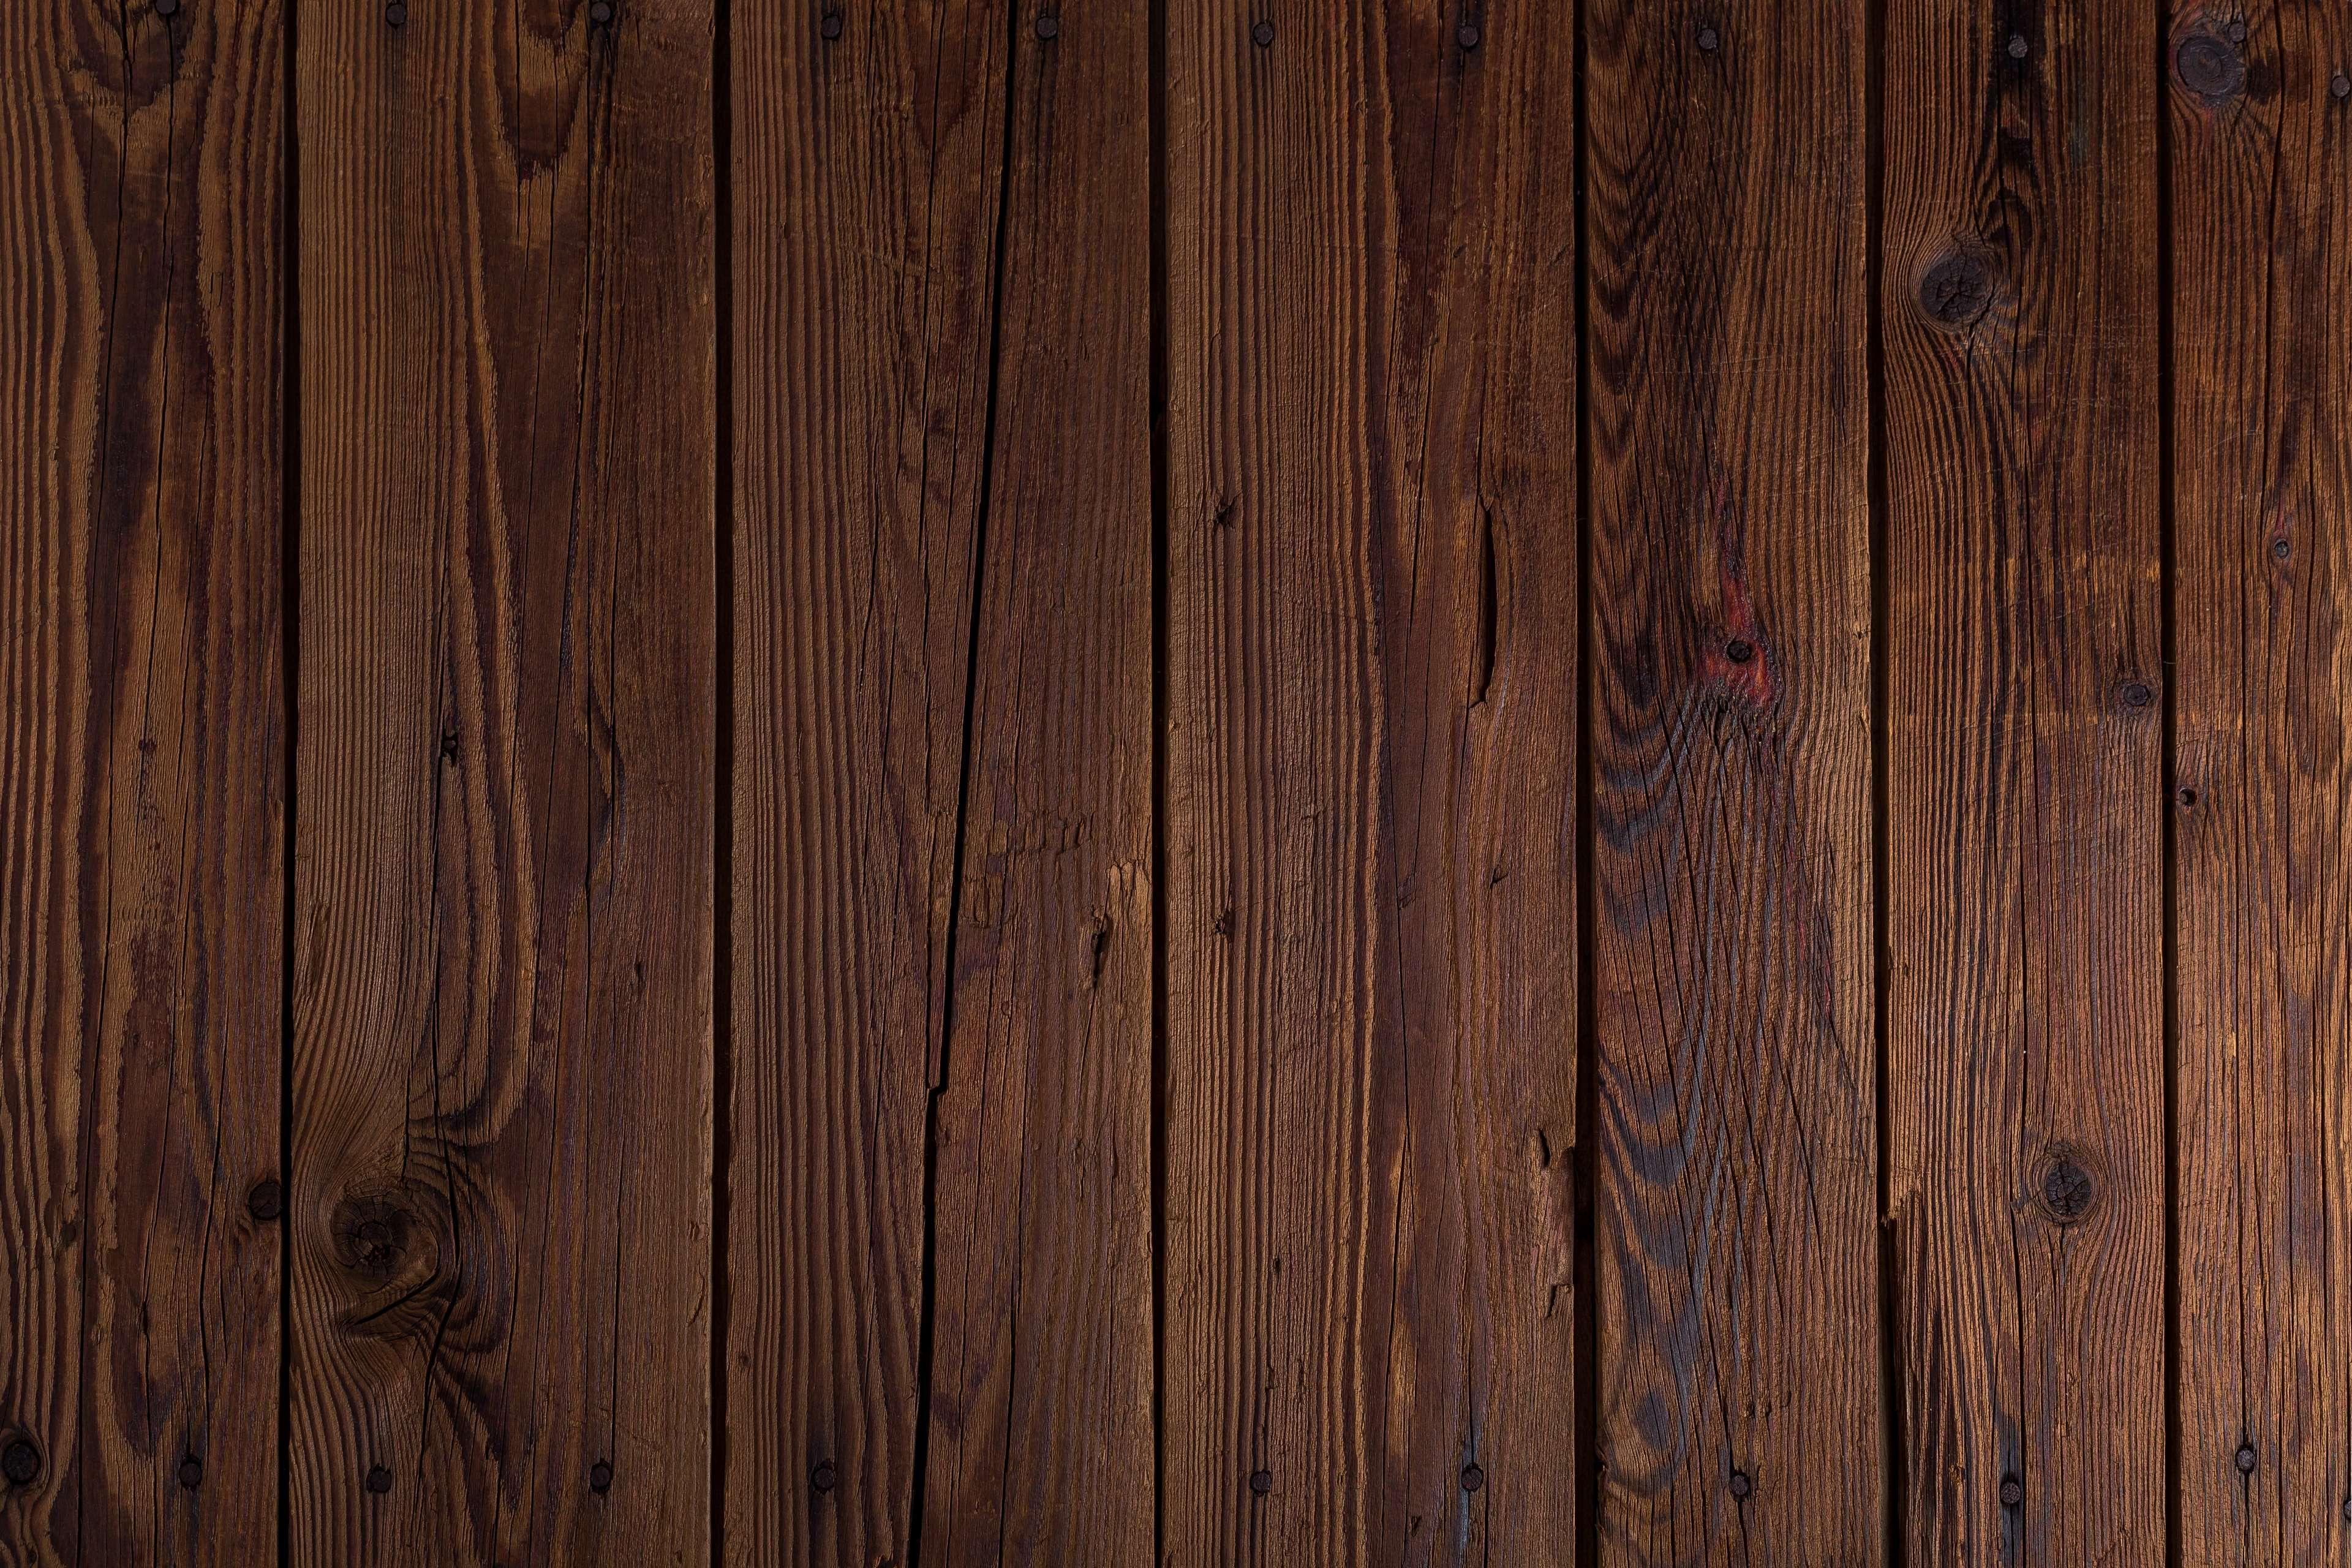 background #board #brown #carpentry #construction #dark #design ...